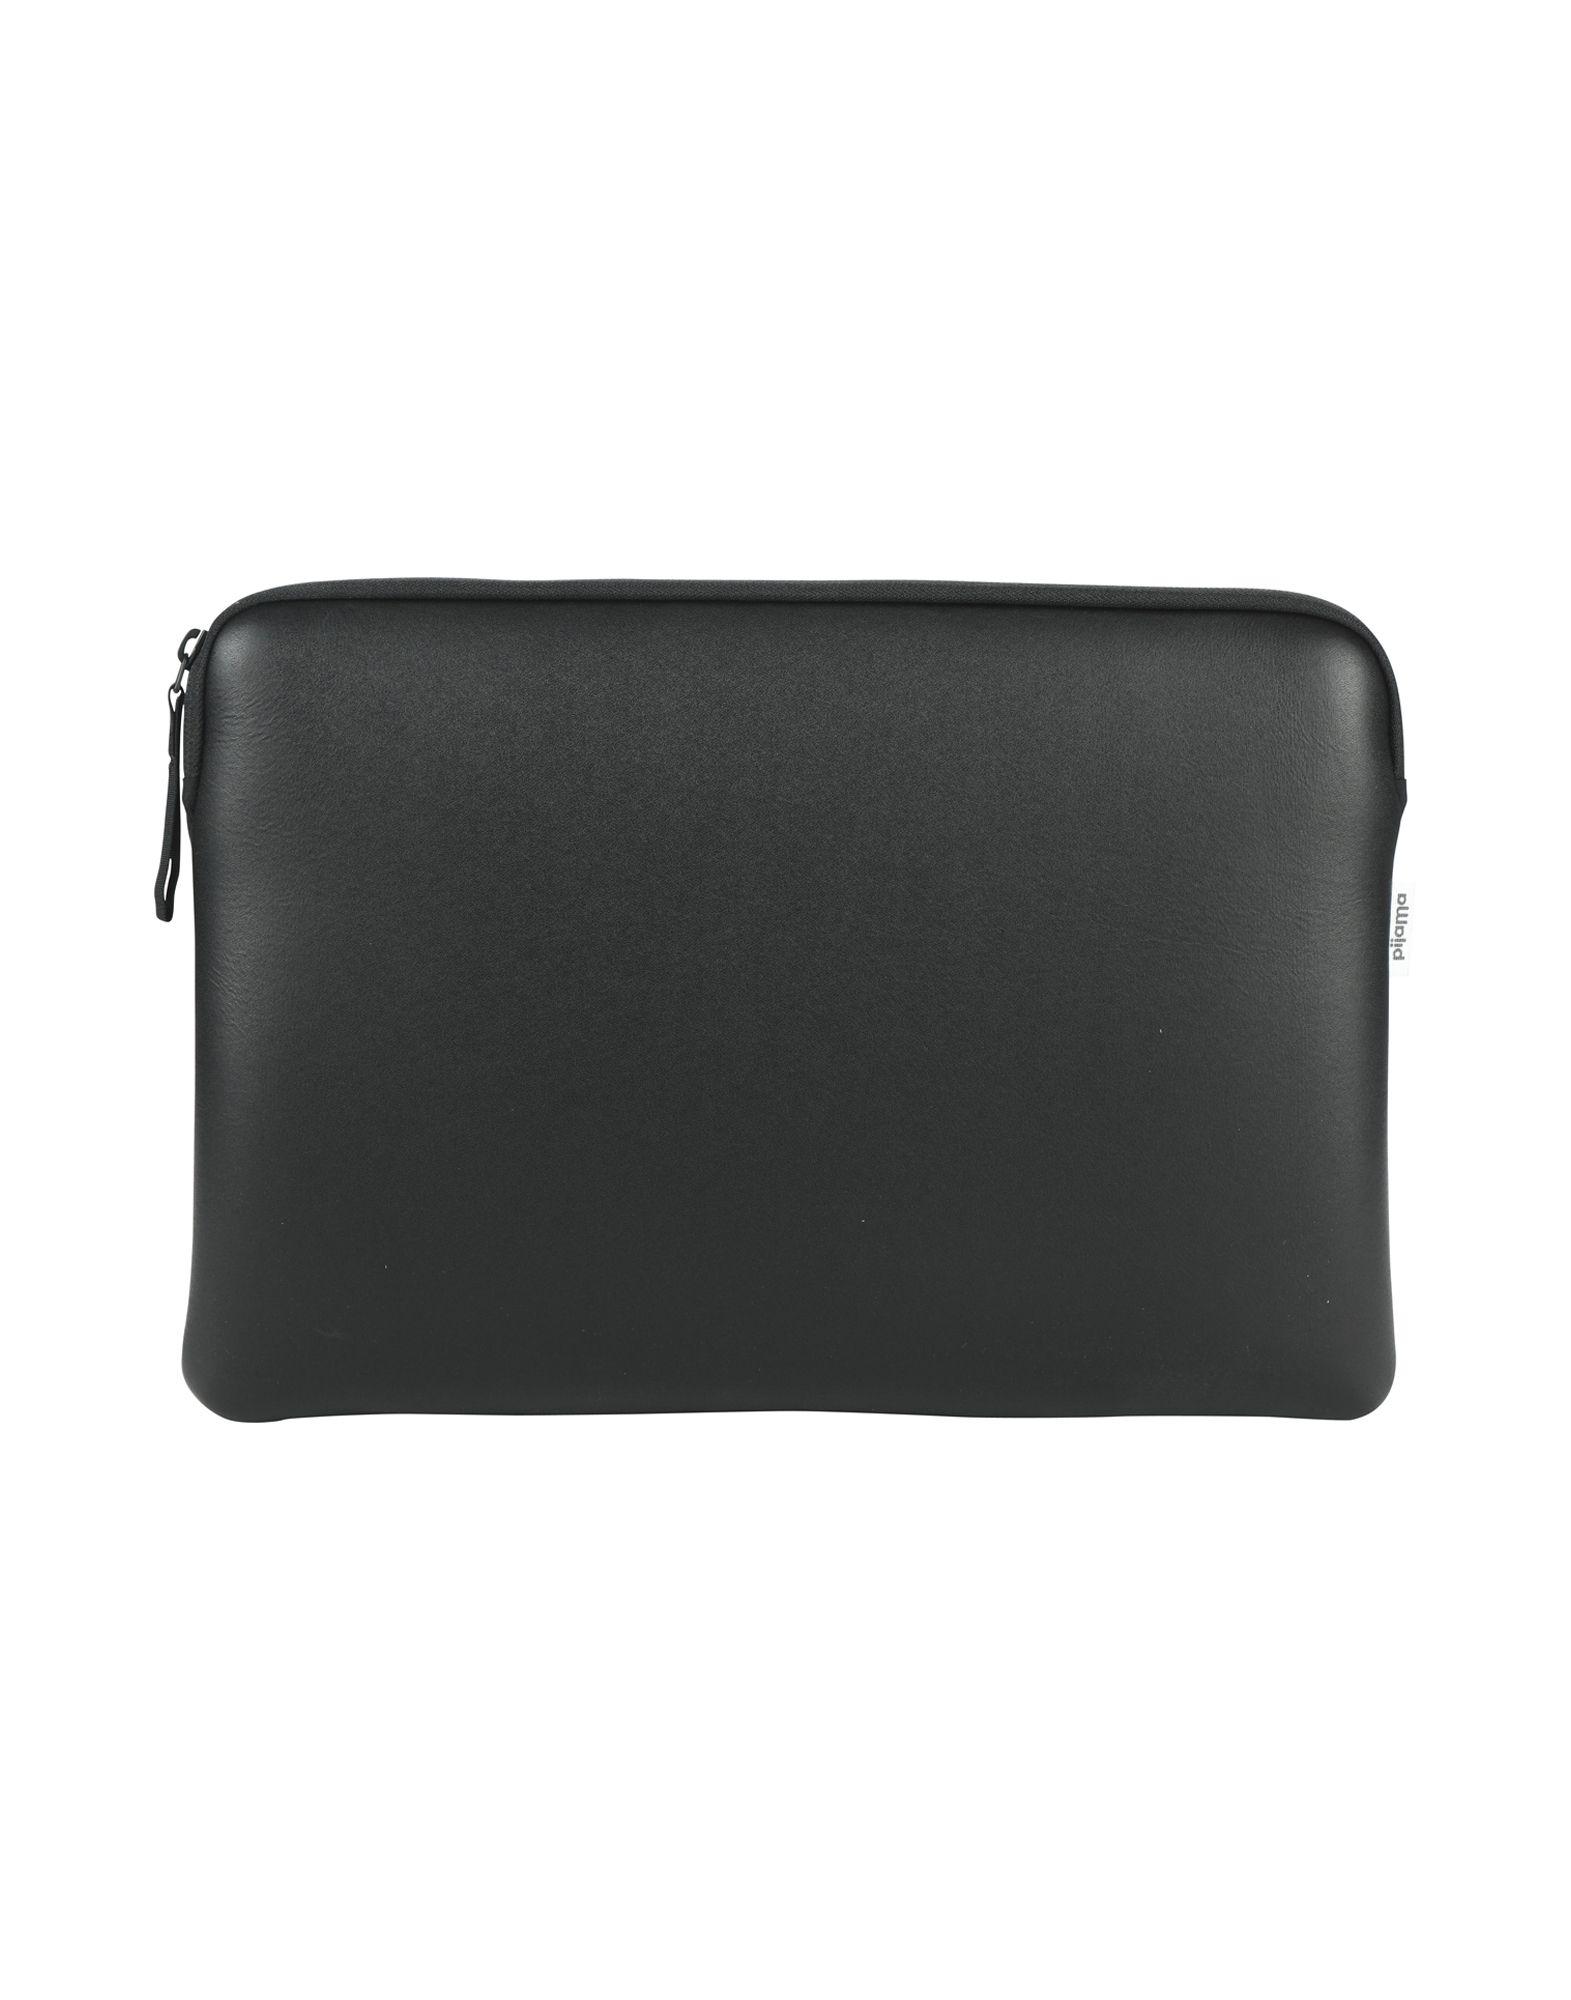 PIJAMA Деловые сумки bag emilio masi сумки деловые